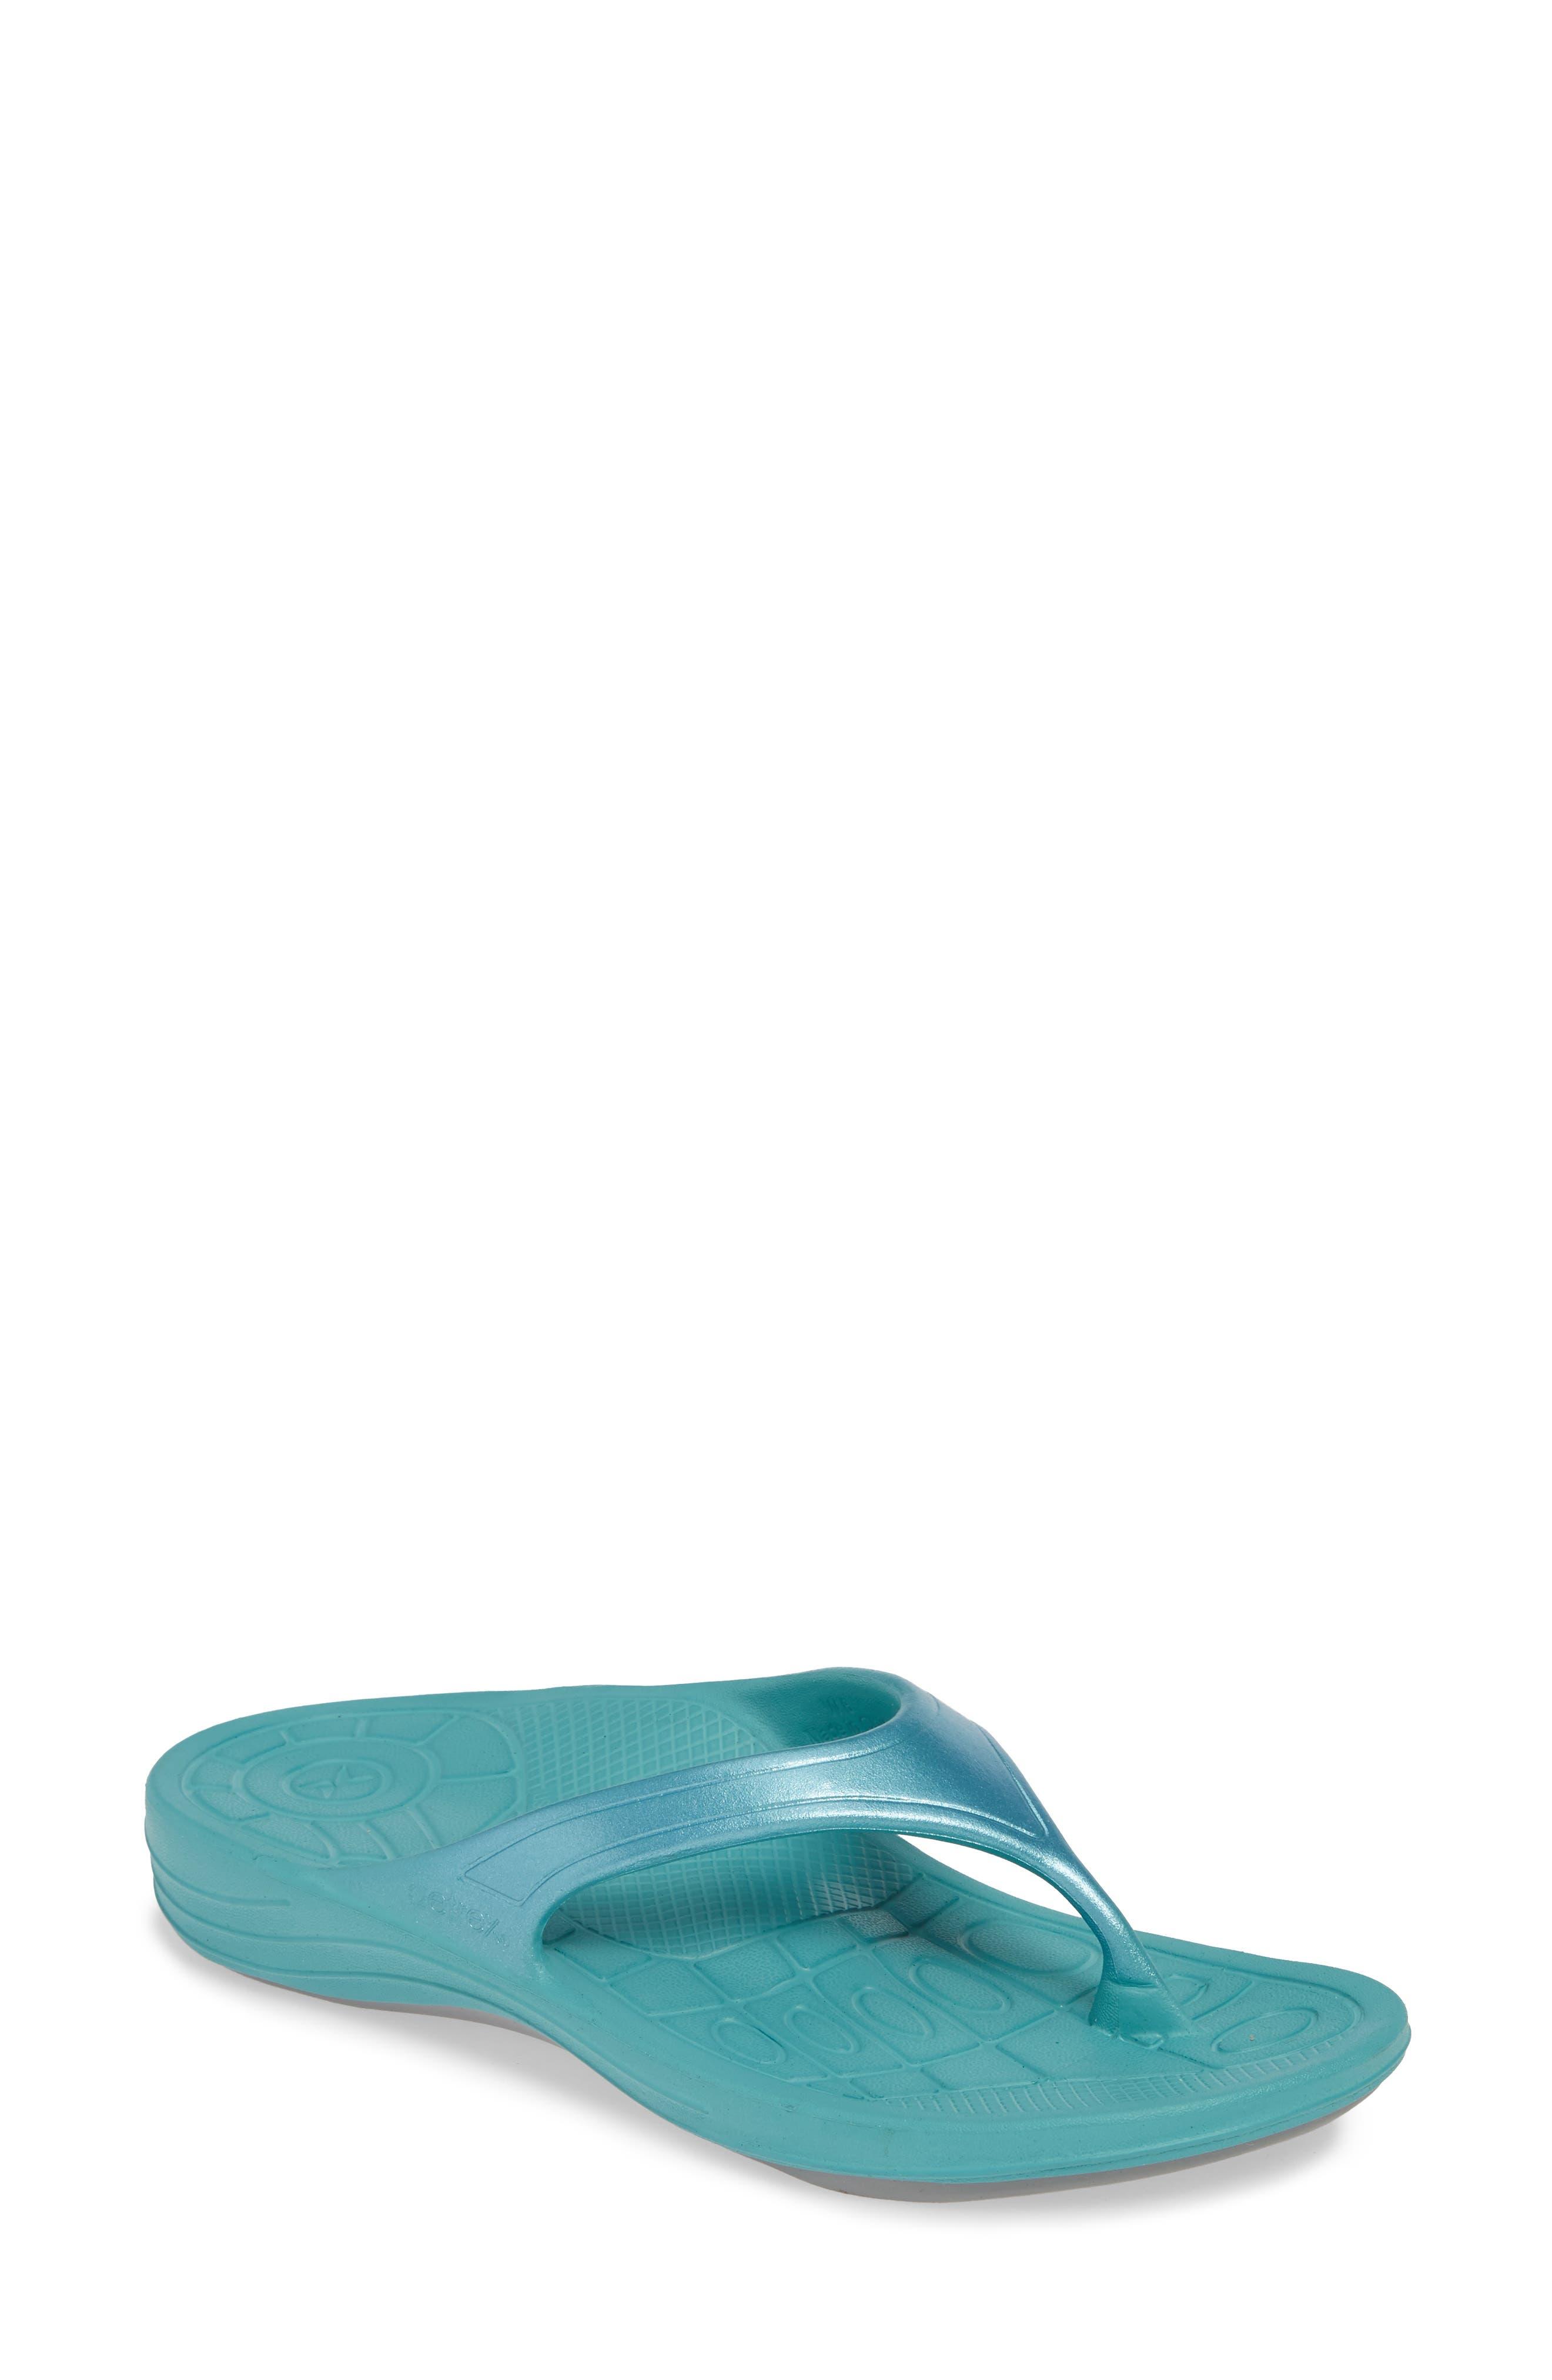 68e2e0992 Women s Aetrex Sandals